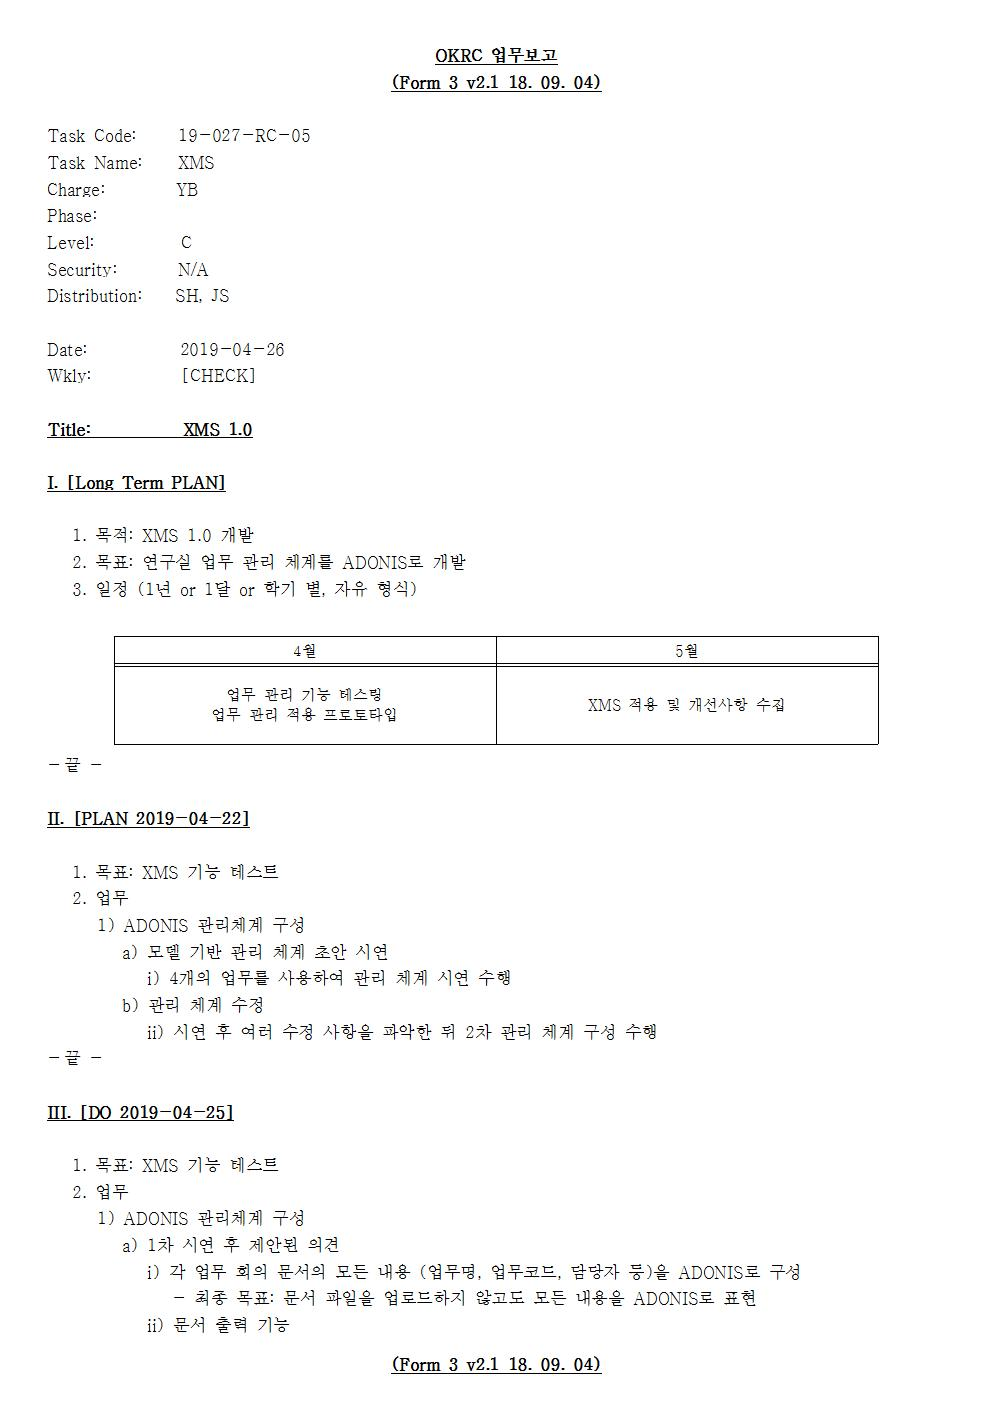 D-[19-027-RC-05]-[XMS]-[2019-04-26][YB]001.jpg